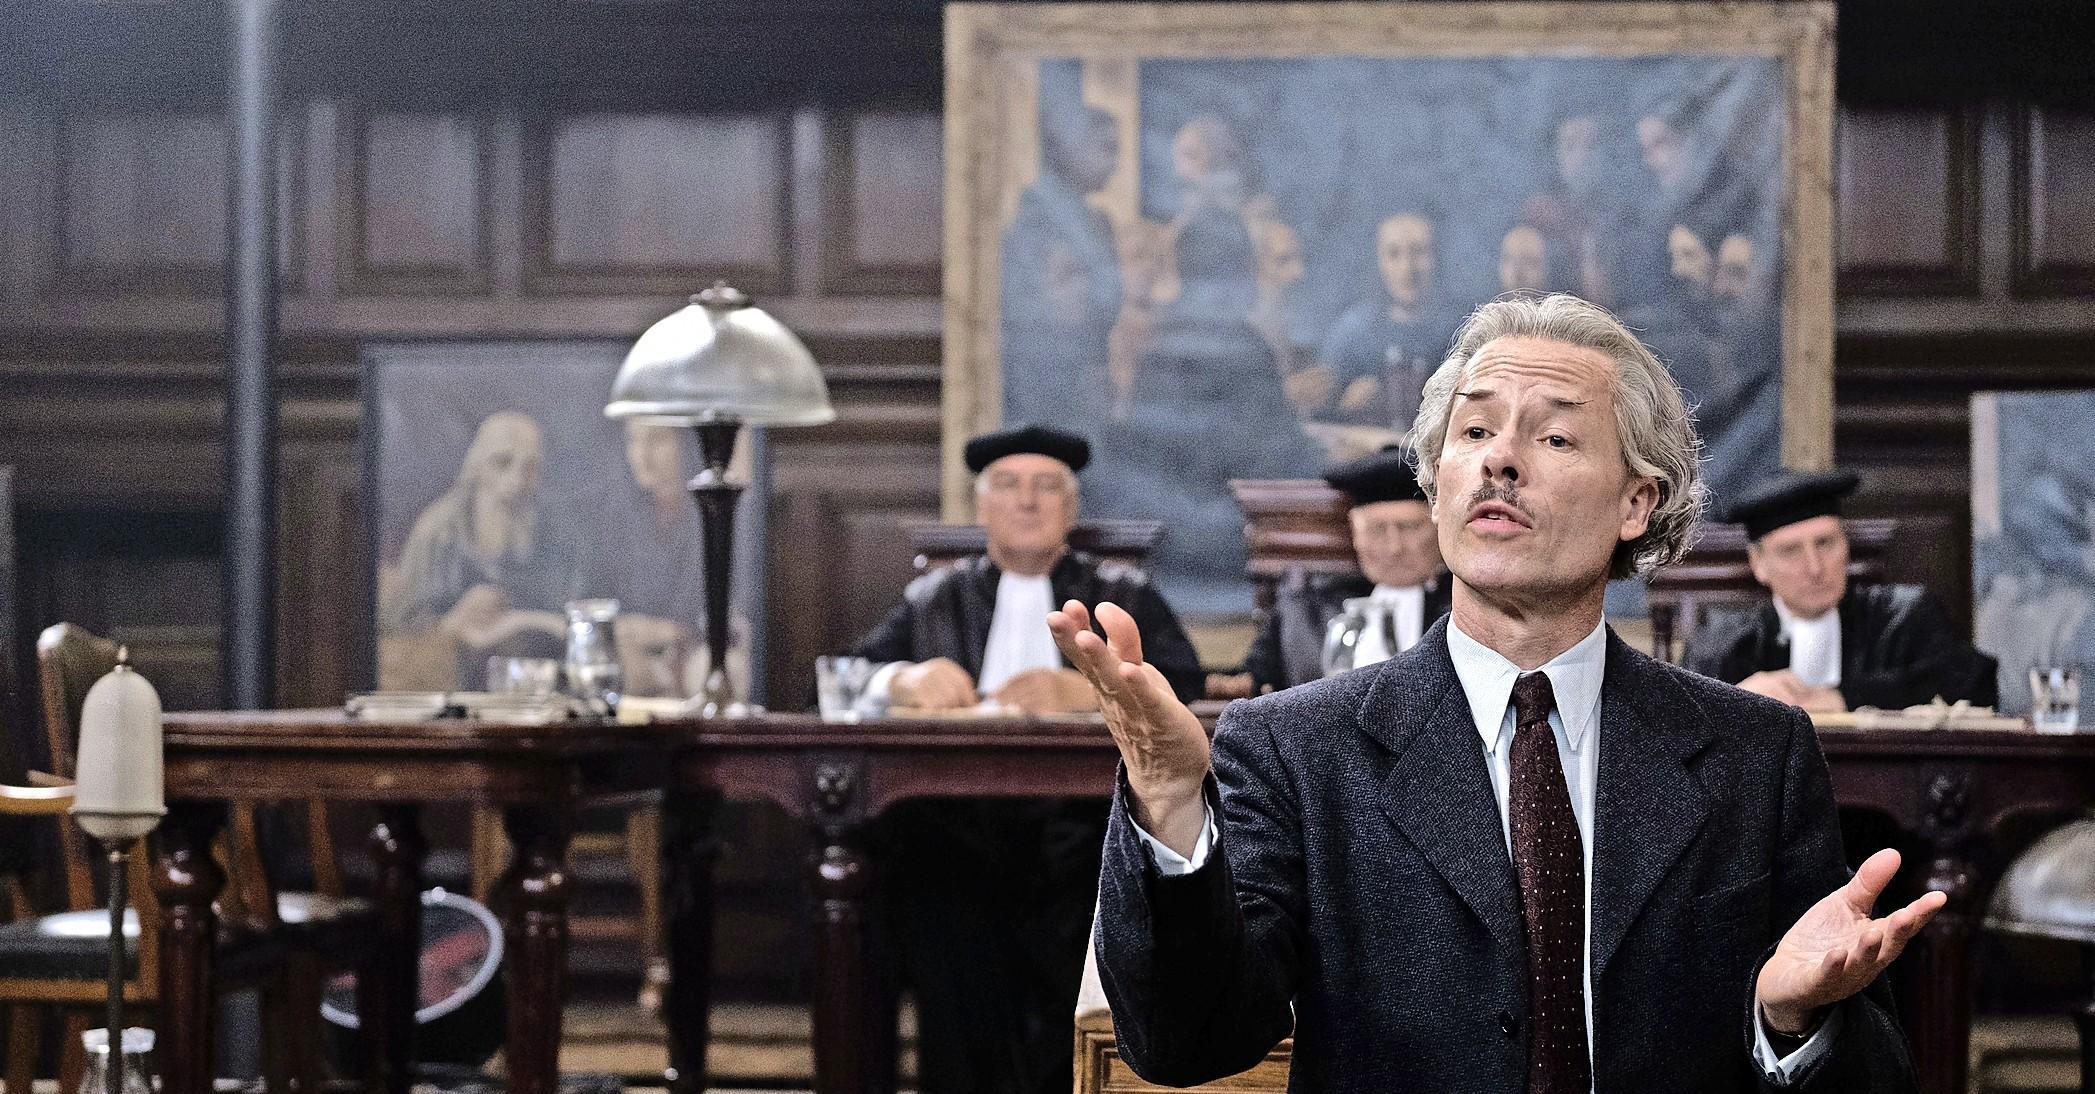 Woede bij nabestaanden Piller over film The Last Vermeer